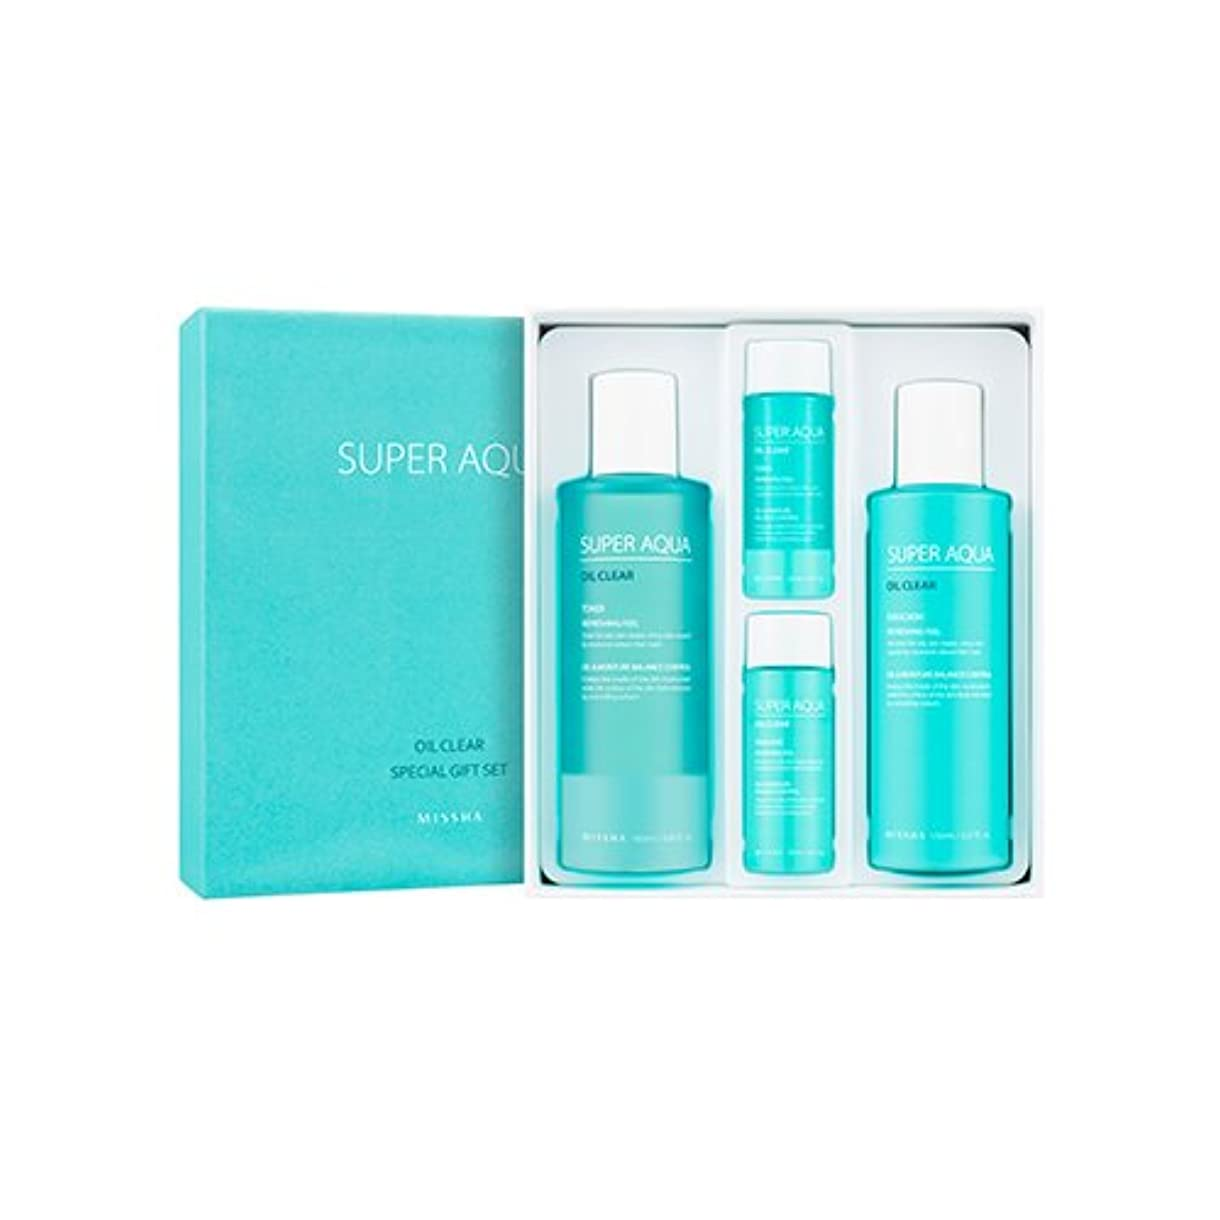 厳しい長方形シュリンクMISSHA Super Aqua Oil Clear Special Gift Set/ミシャ スーパーアクアオイルクリアスペシャルギフトセット [並行輸入品]